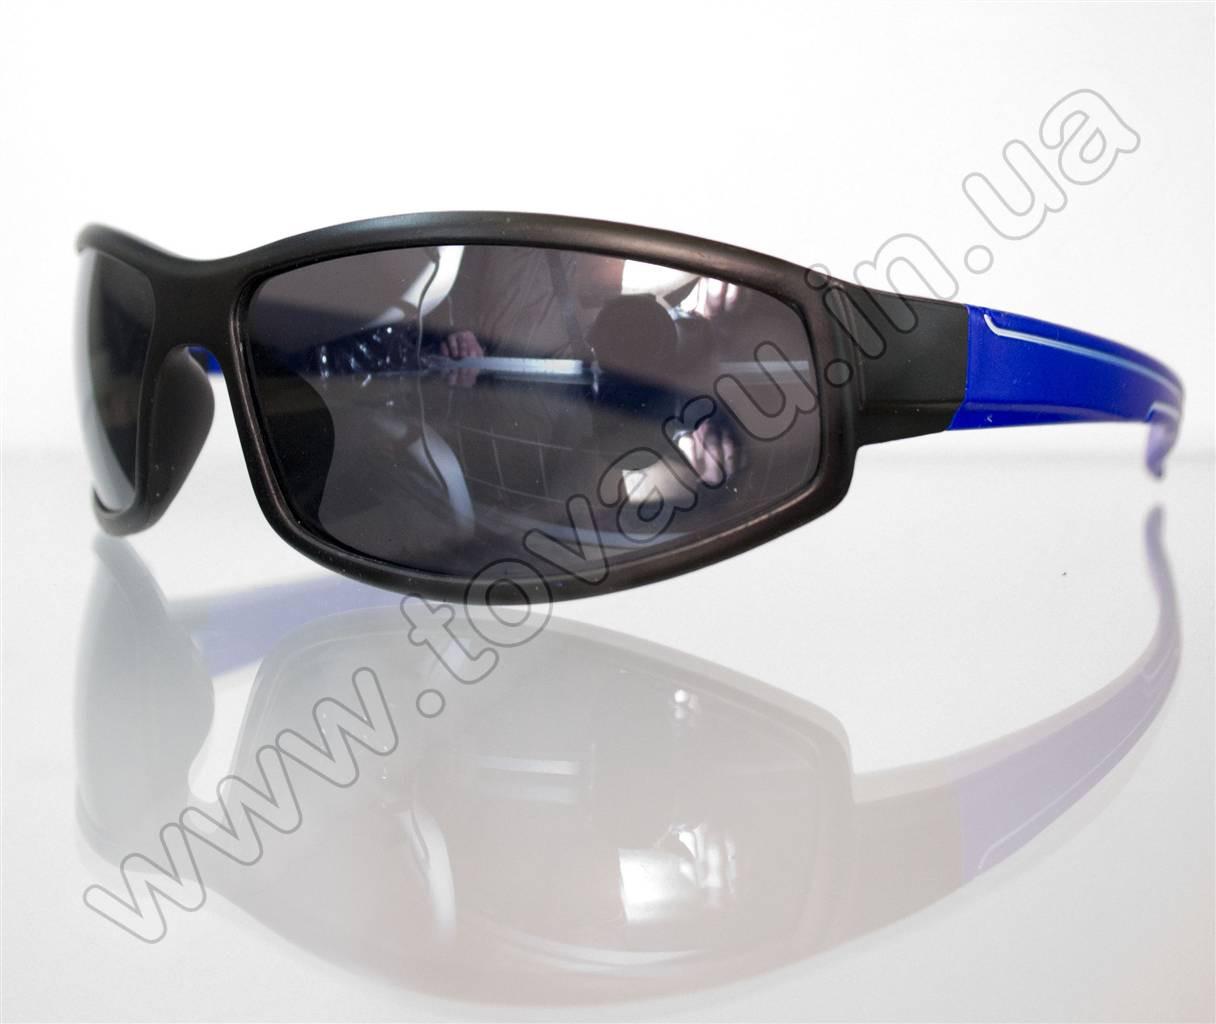 Окуляри Оптом чоловічі сонцезахисні спортивні - Чорно-сині - 2093